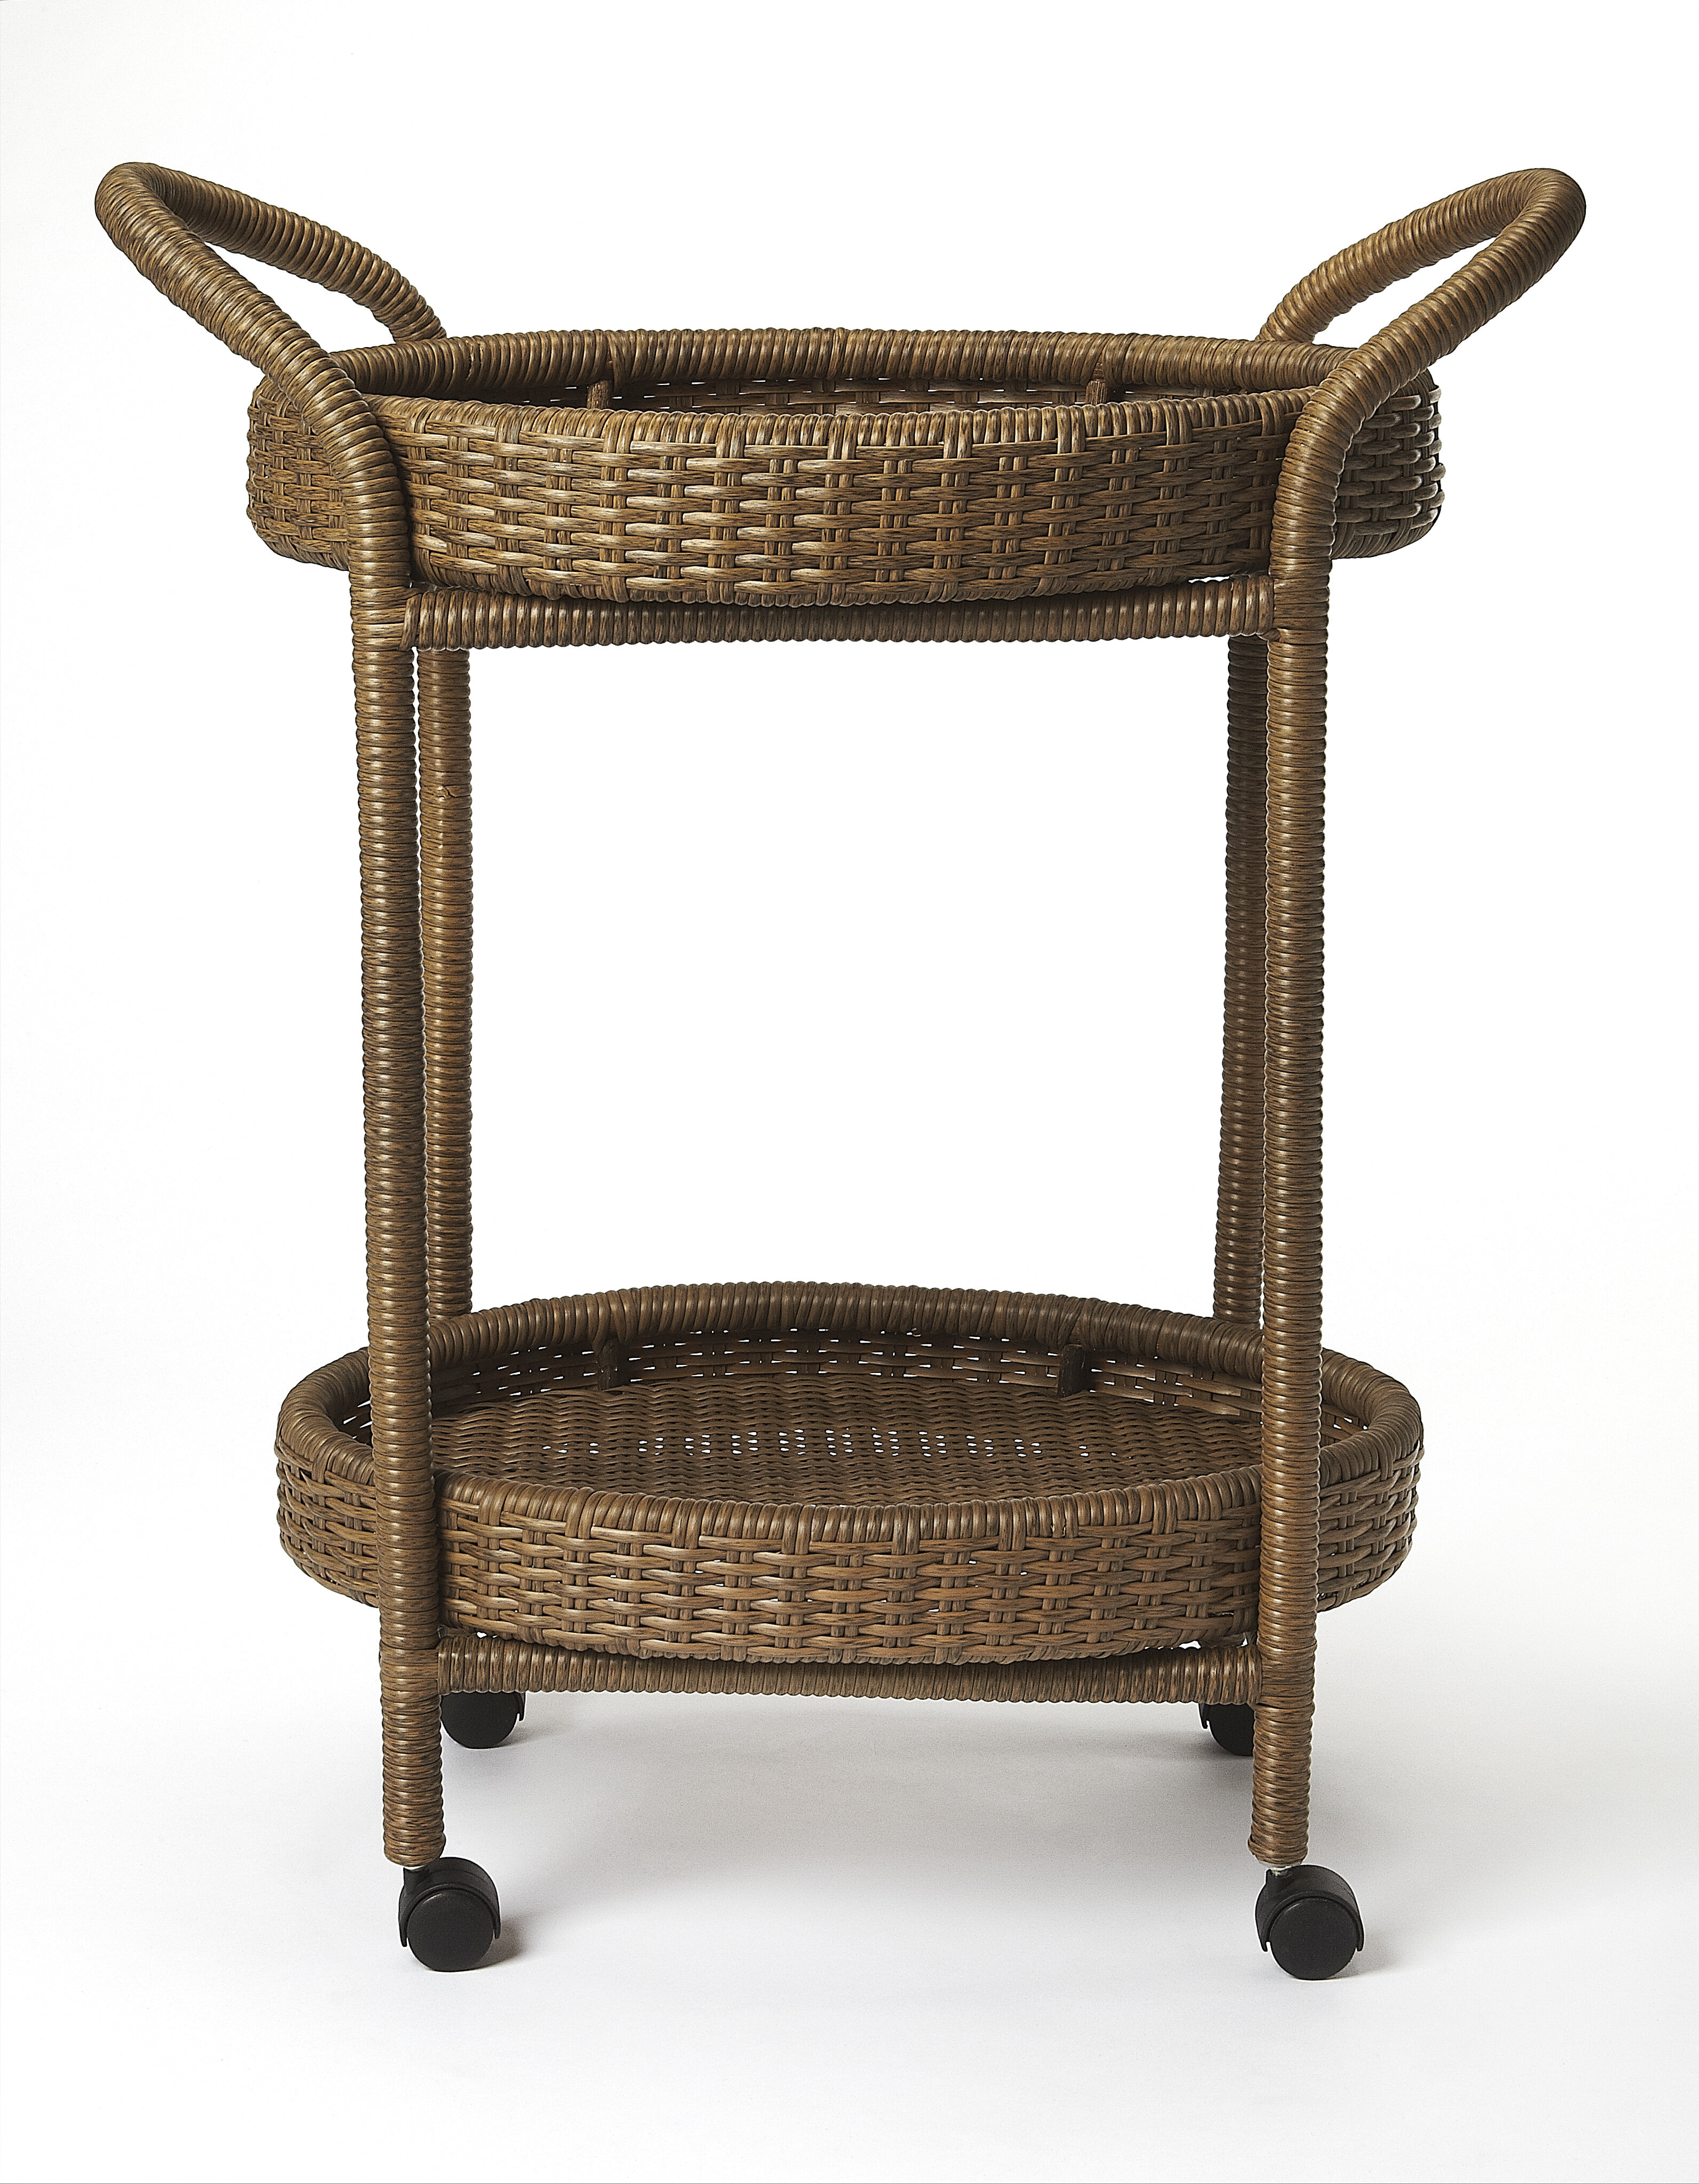 Modern Glam Gold Metal Marble Serving Cart Buffet Server Mobile Home Bar Cart Bar Carts Serving Carts Home Garden